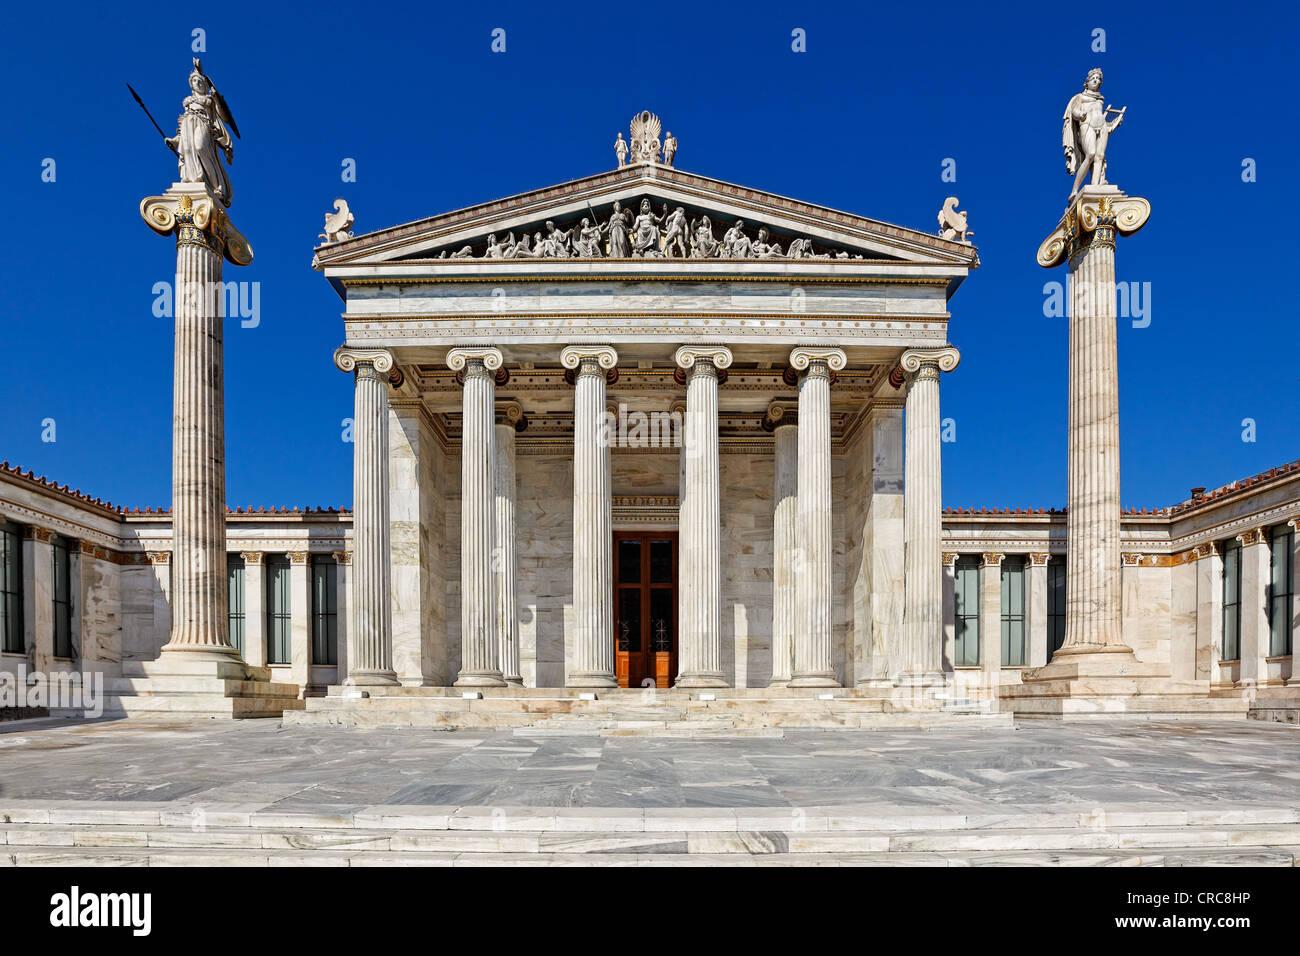 Die Akademie von Athen, Griechenland Stockbild